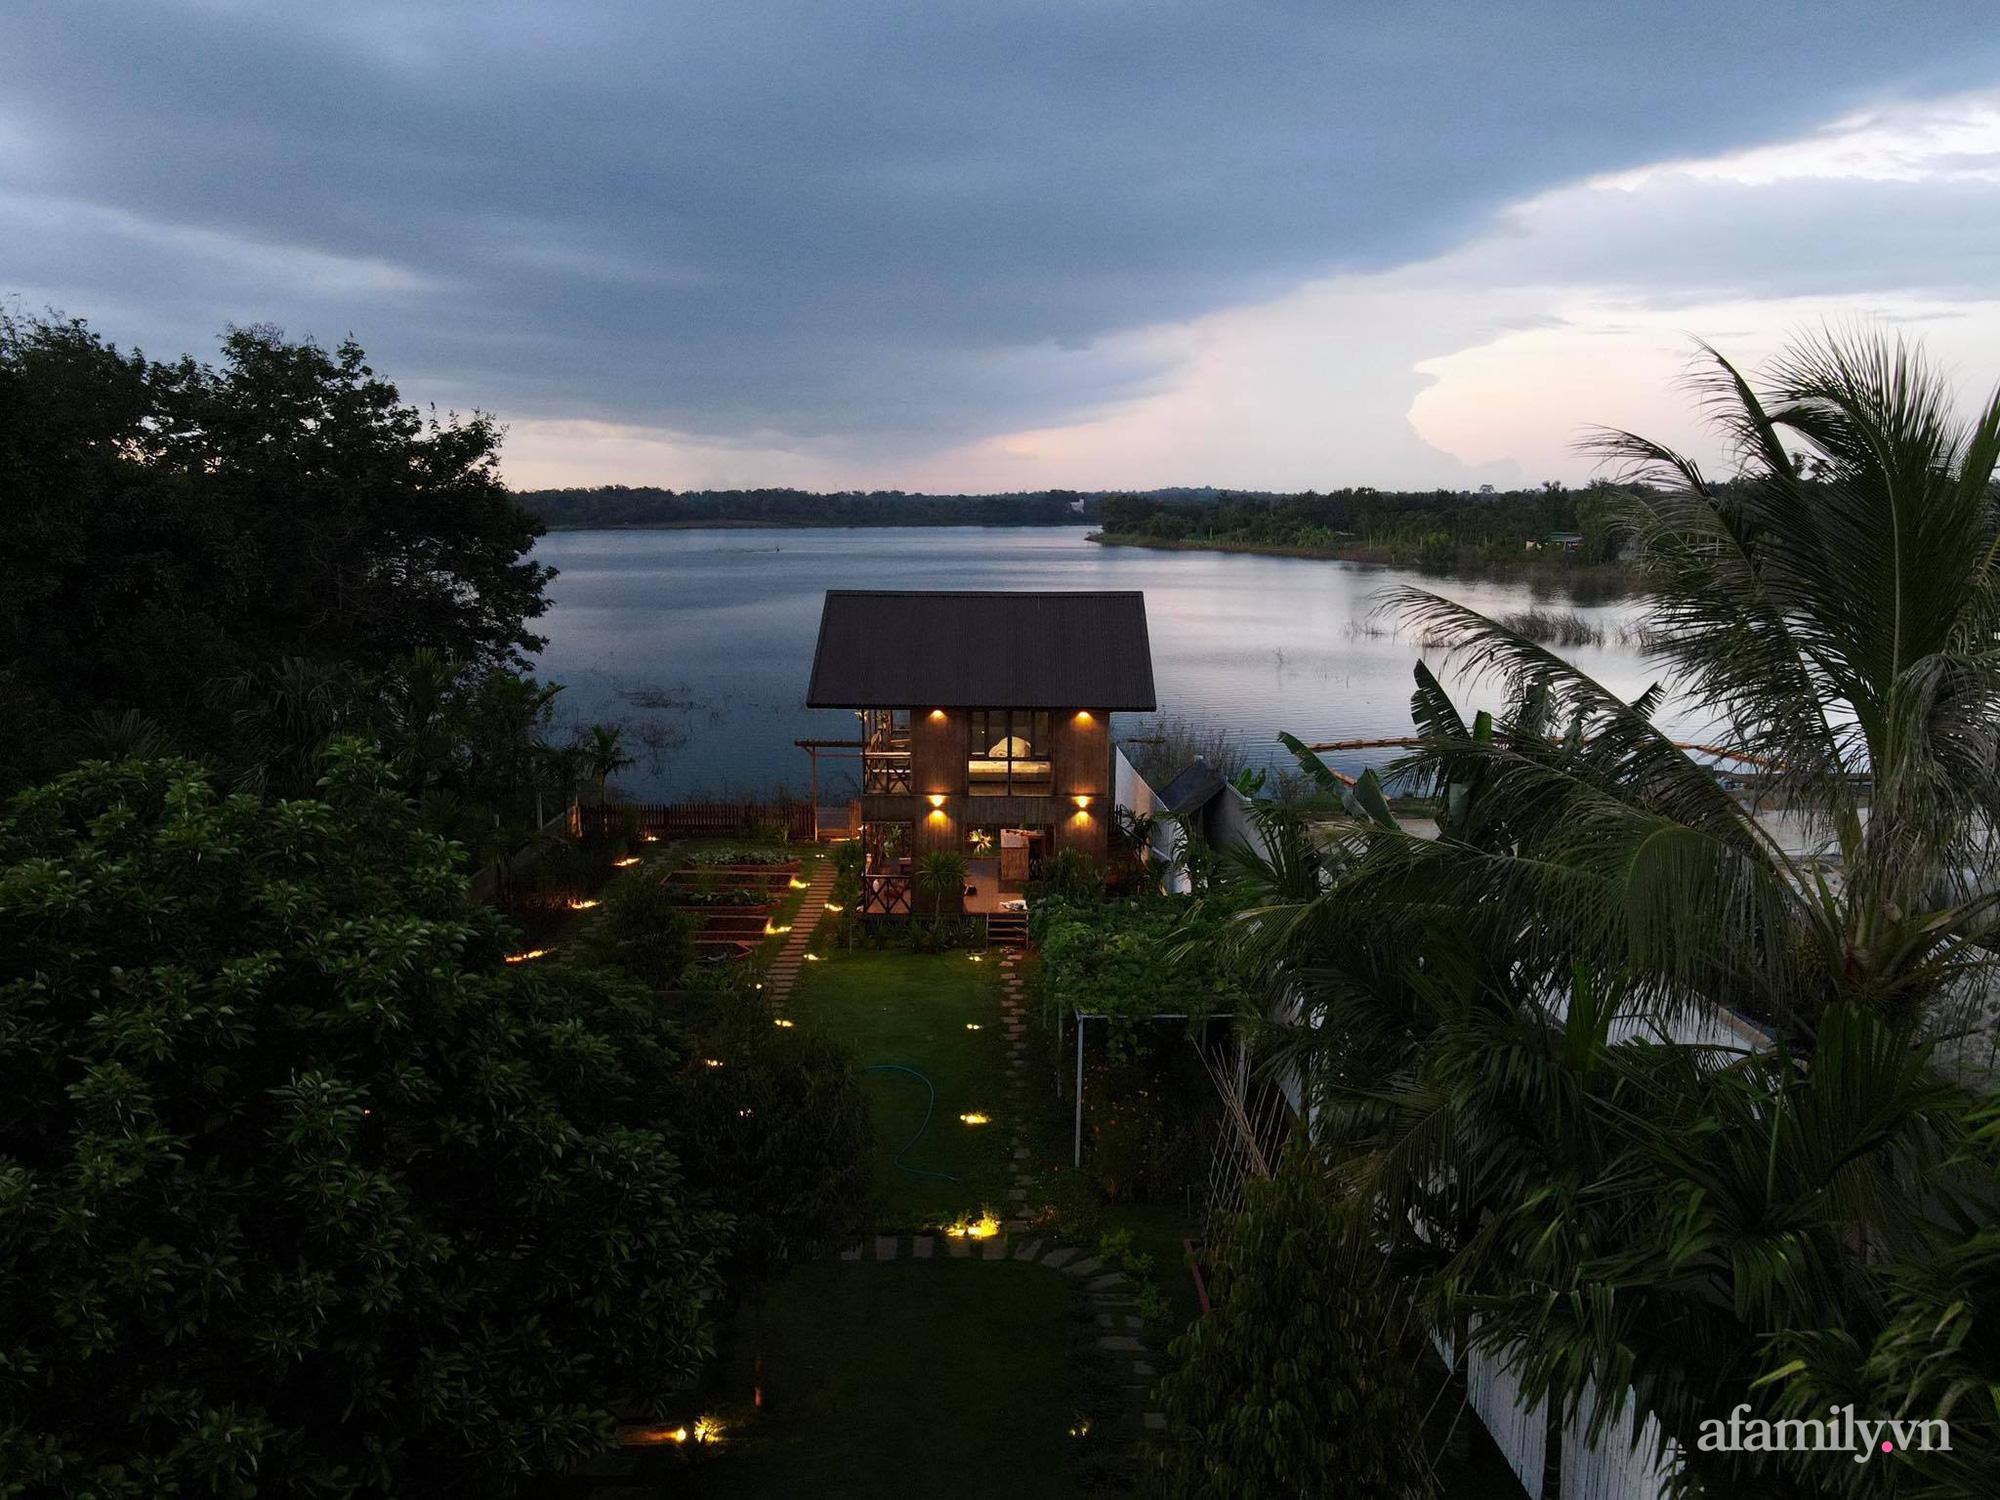 Căn nhà gỗ bình yên hướng tầm nhìn ra hồ nước trong veo, thơ mộng ở Buôn Mê Thuột - Ảnh 3.